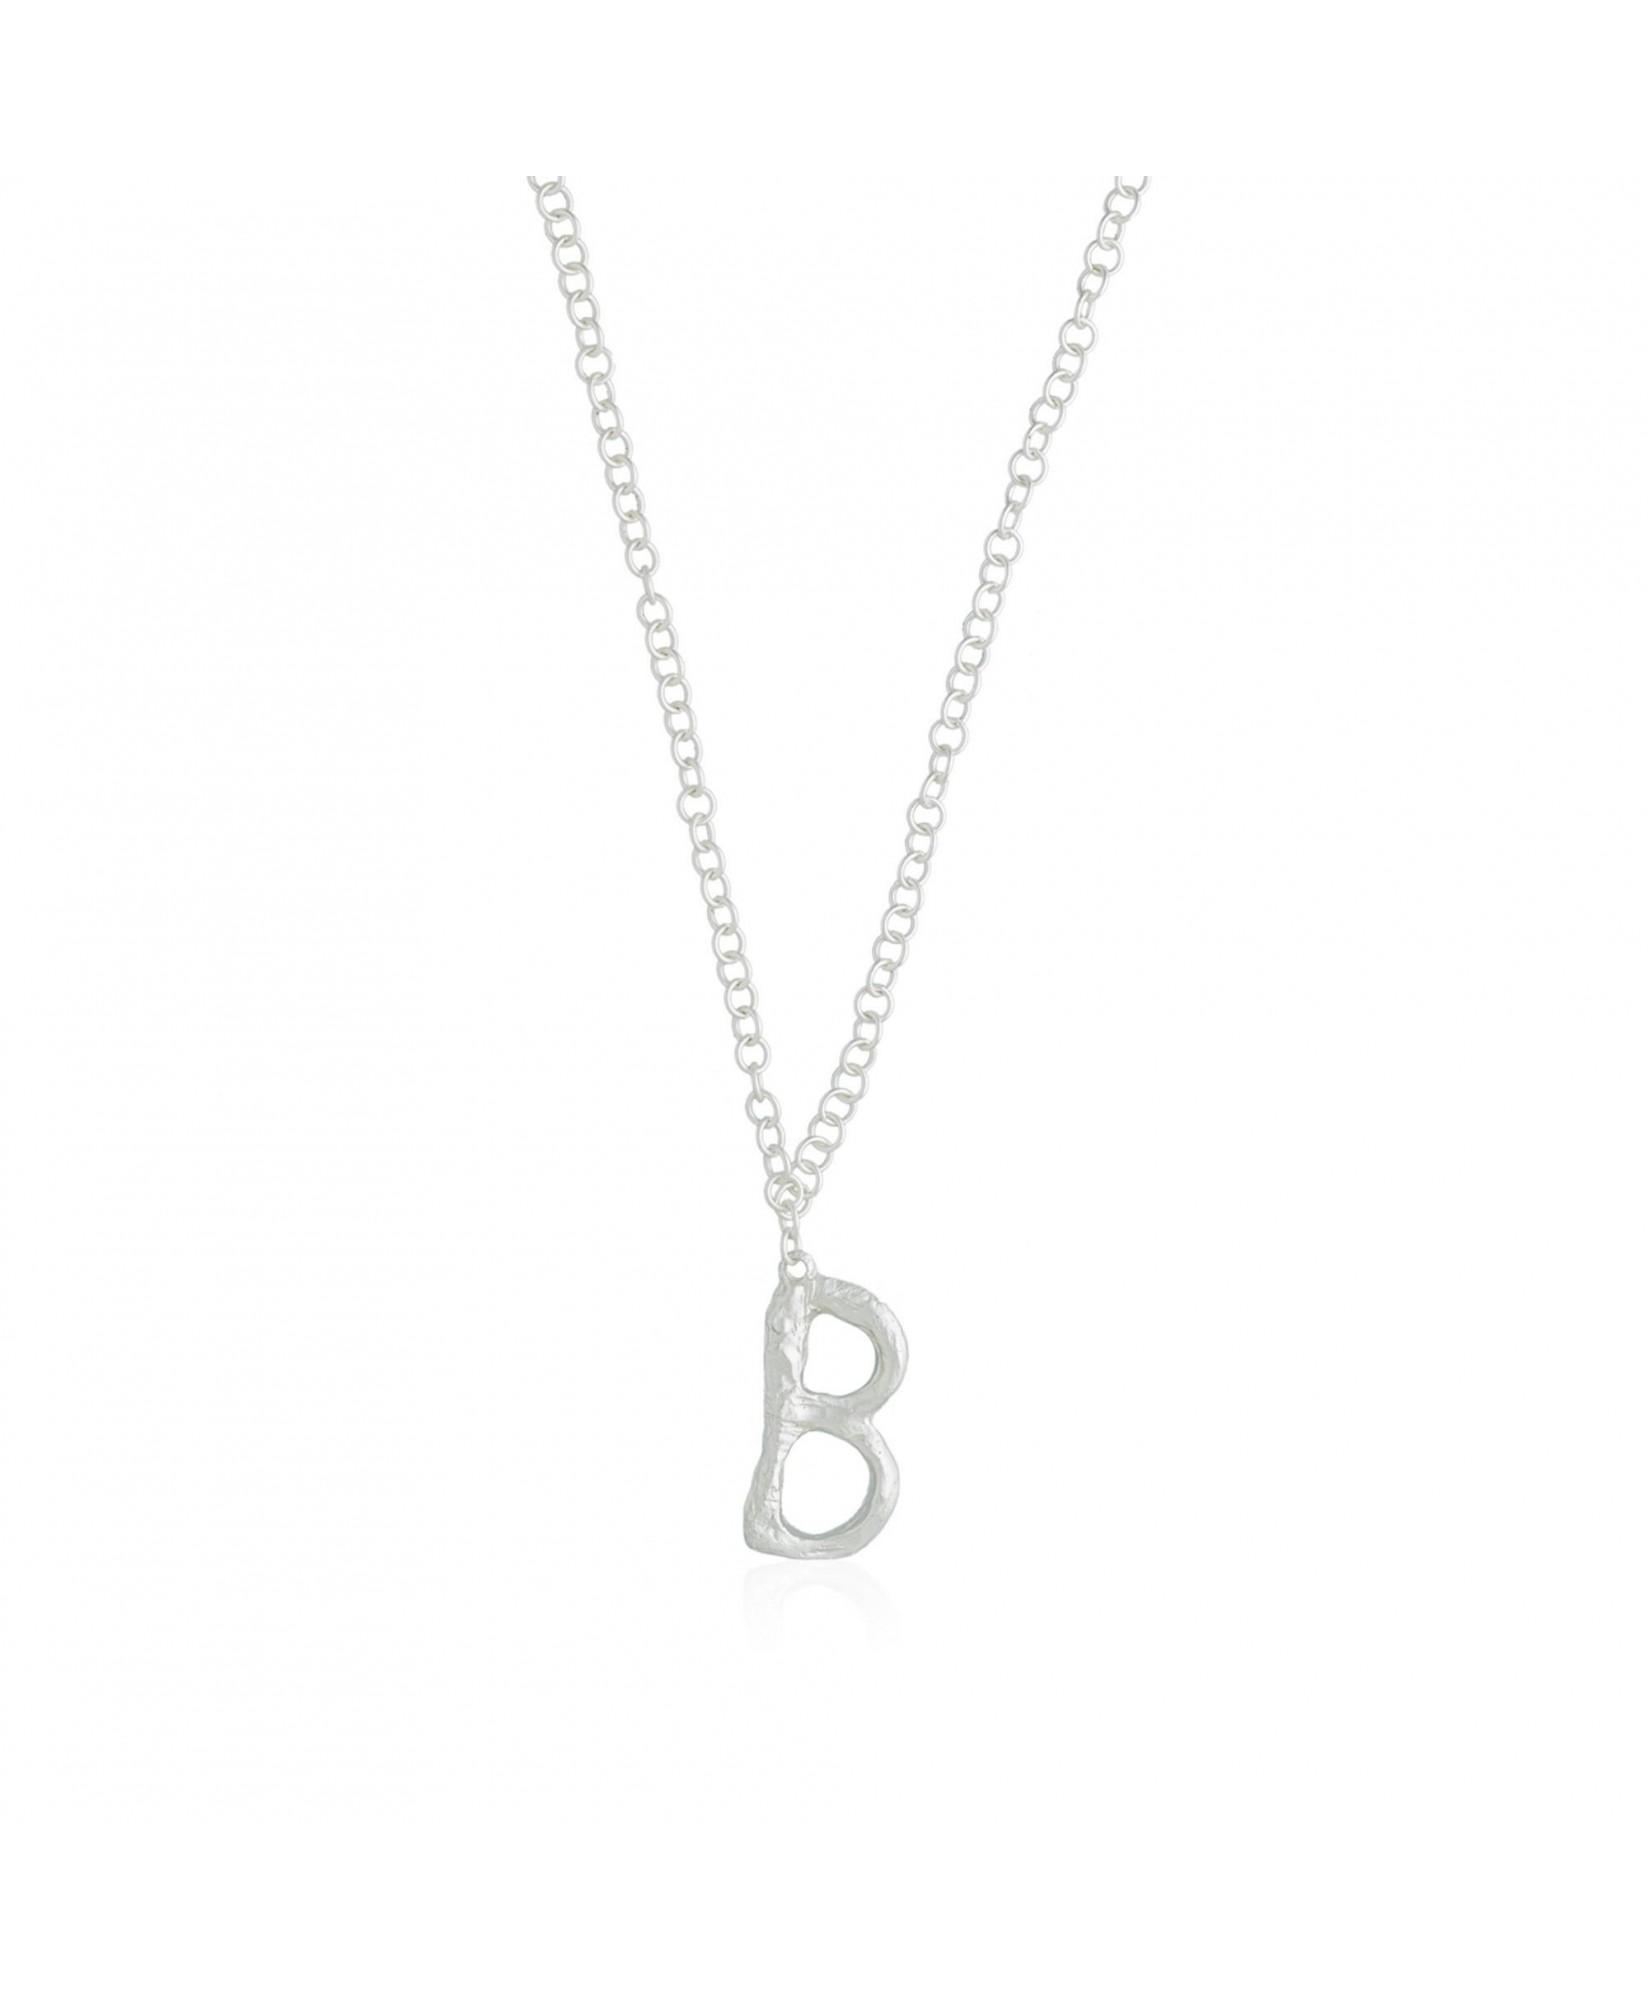 Collar plata letra B Collar plata letra B